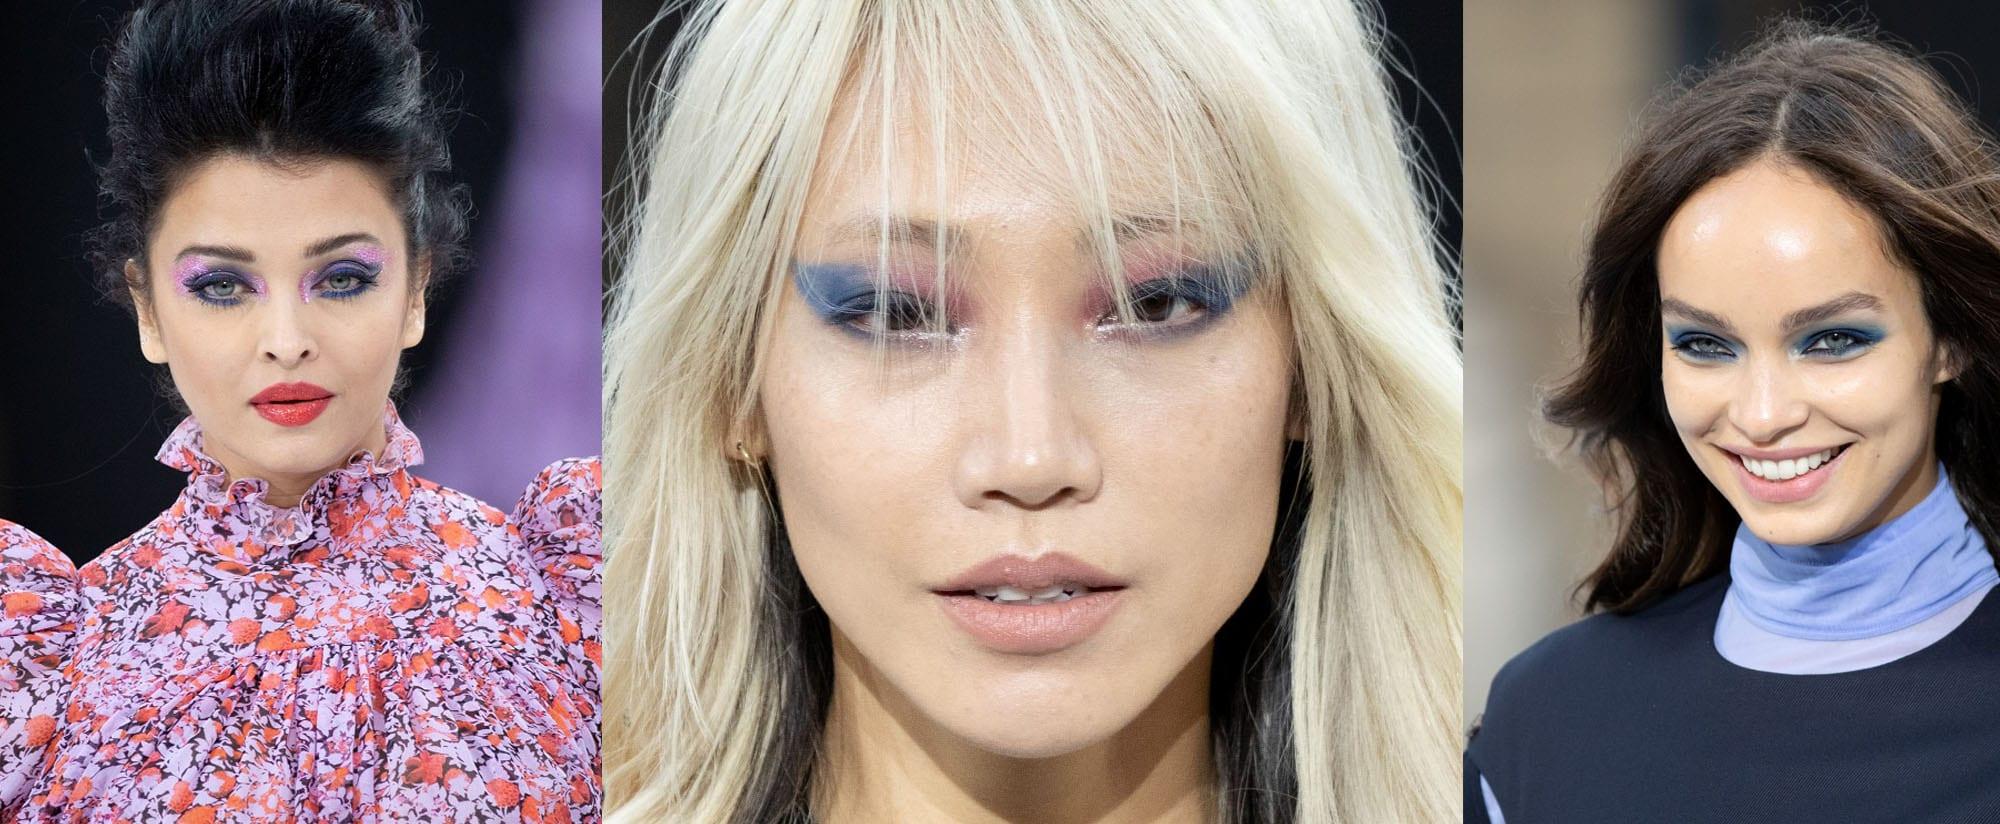 שילוב הטרנדים מתצוגה אופנה לוריאל פריז צילום יחצ חול, Fashion Israel